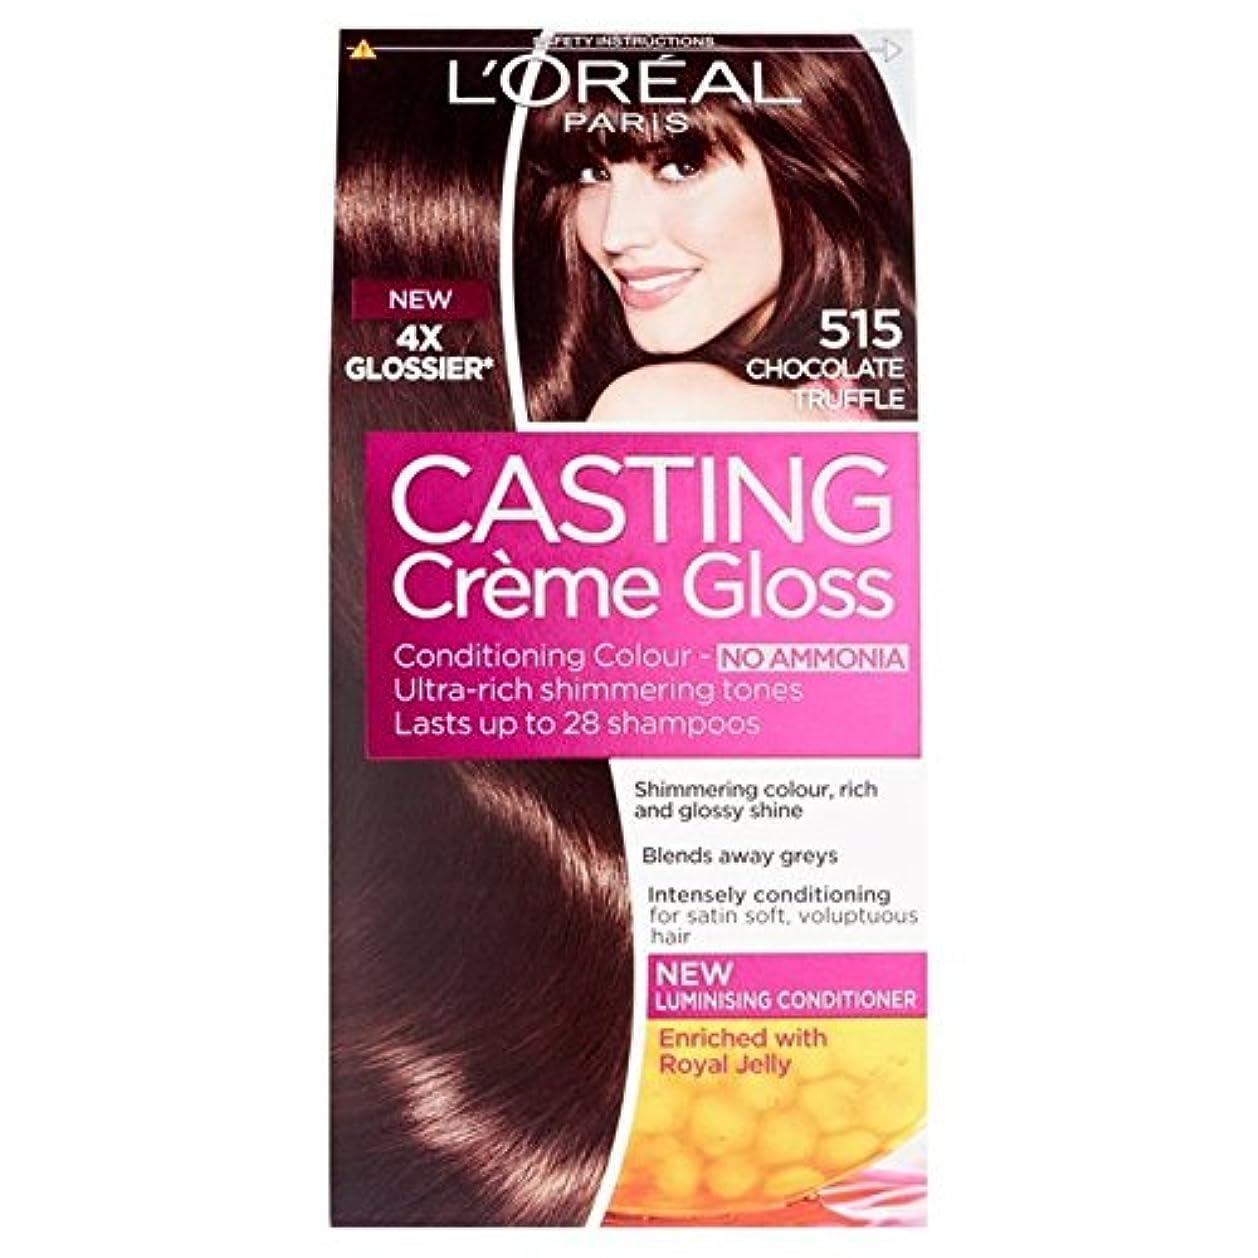 奨励します目立つサラミL'Oreal Casting Creme Gloss Choc Truffle 515 (Pack of 6) - ロレアルのキャスティングクリームグロスチョコトリュフ515 x6 [並行輸入品]